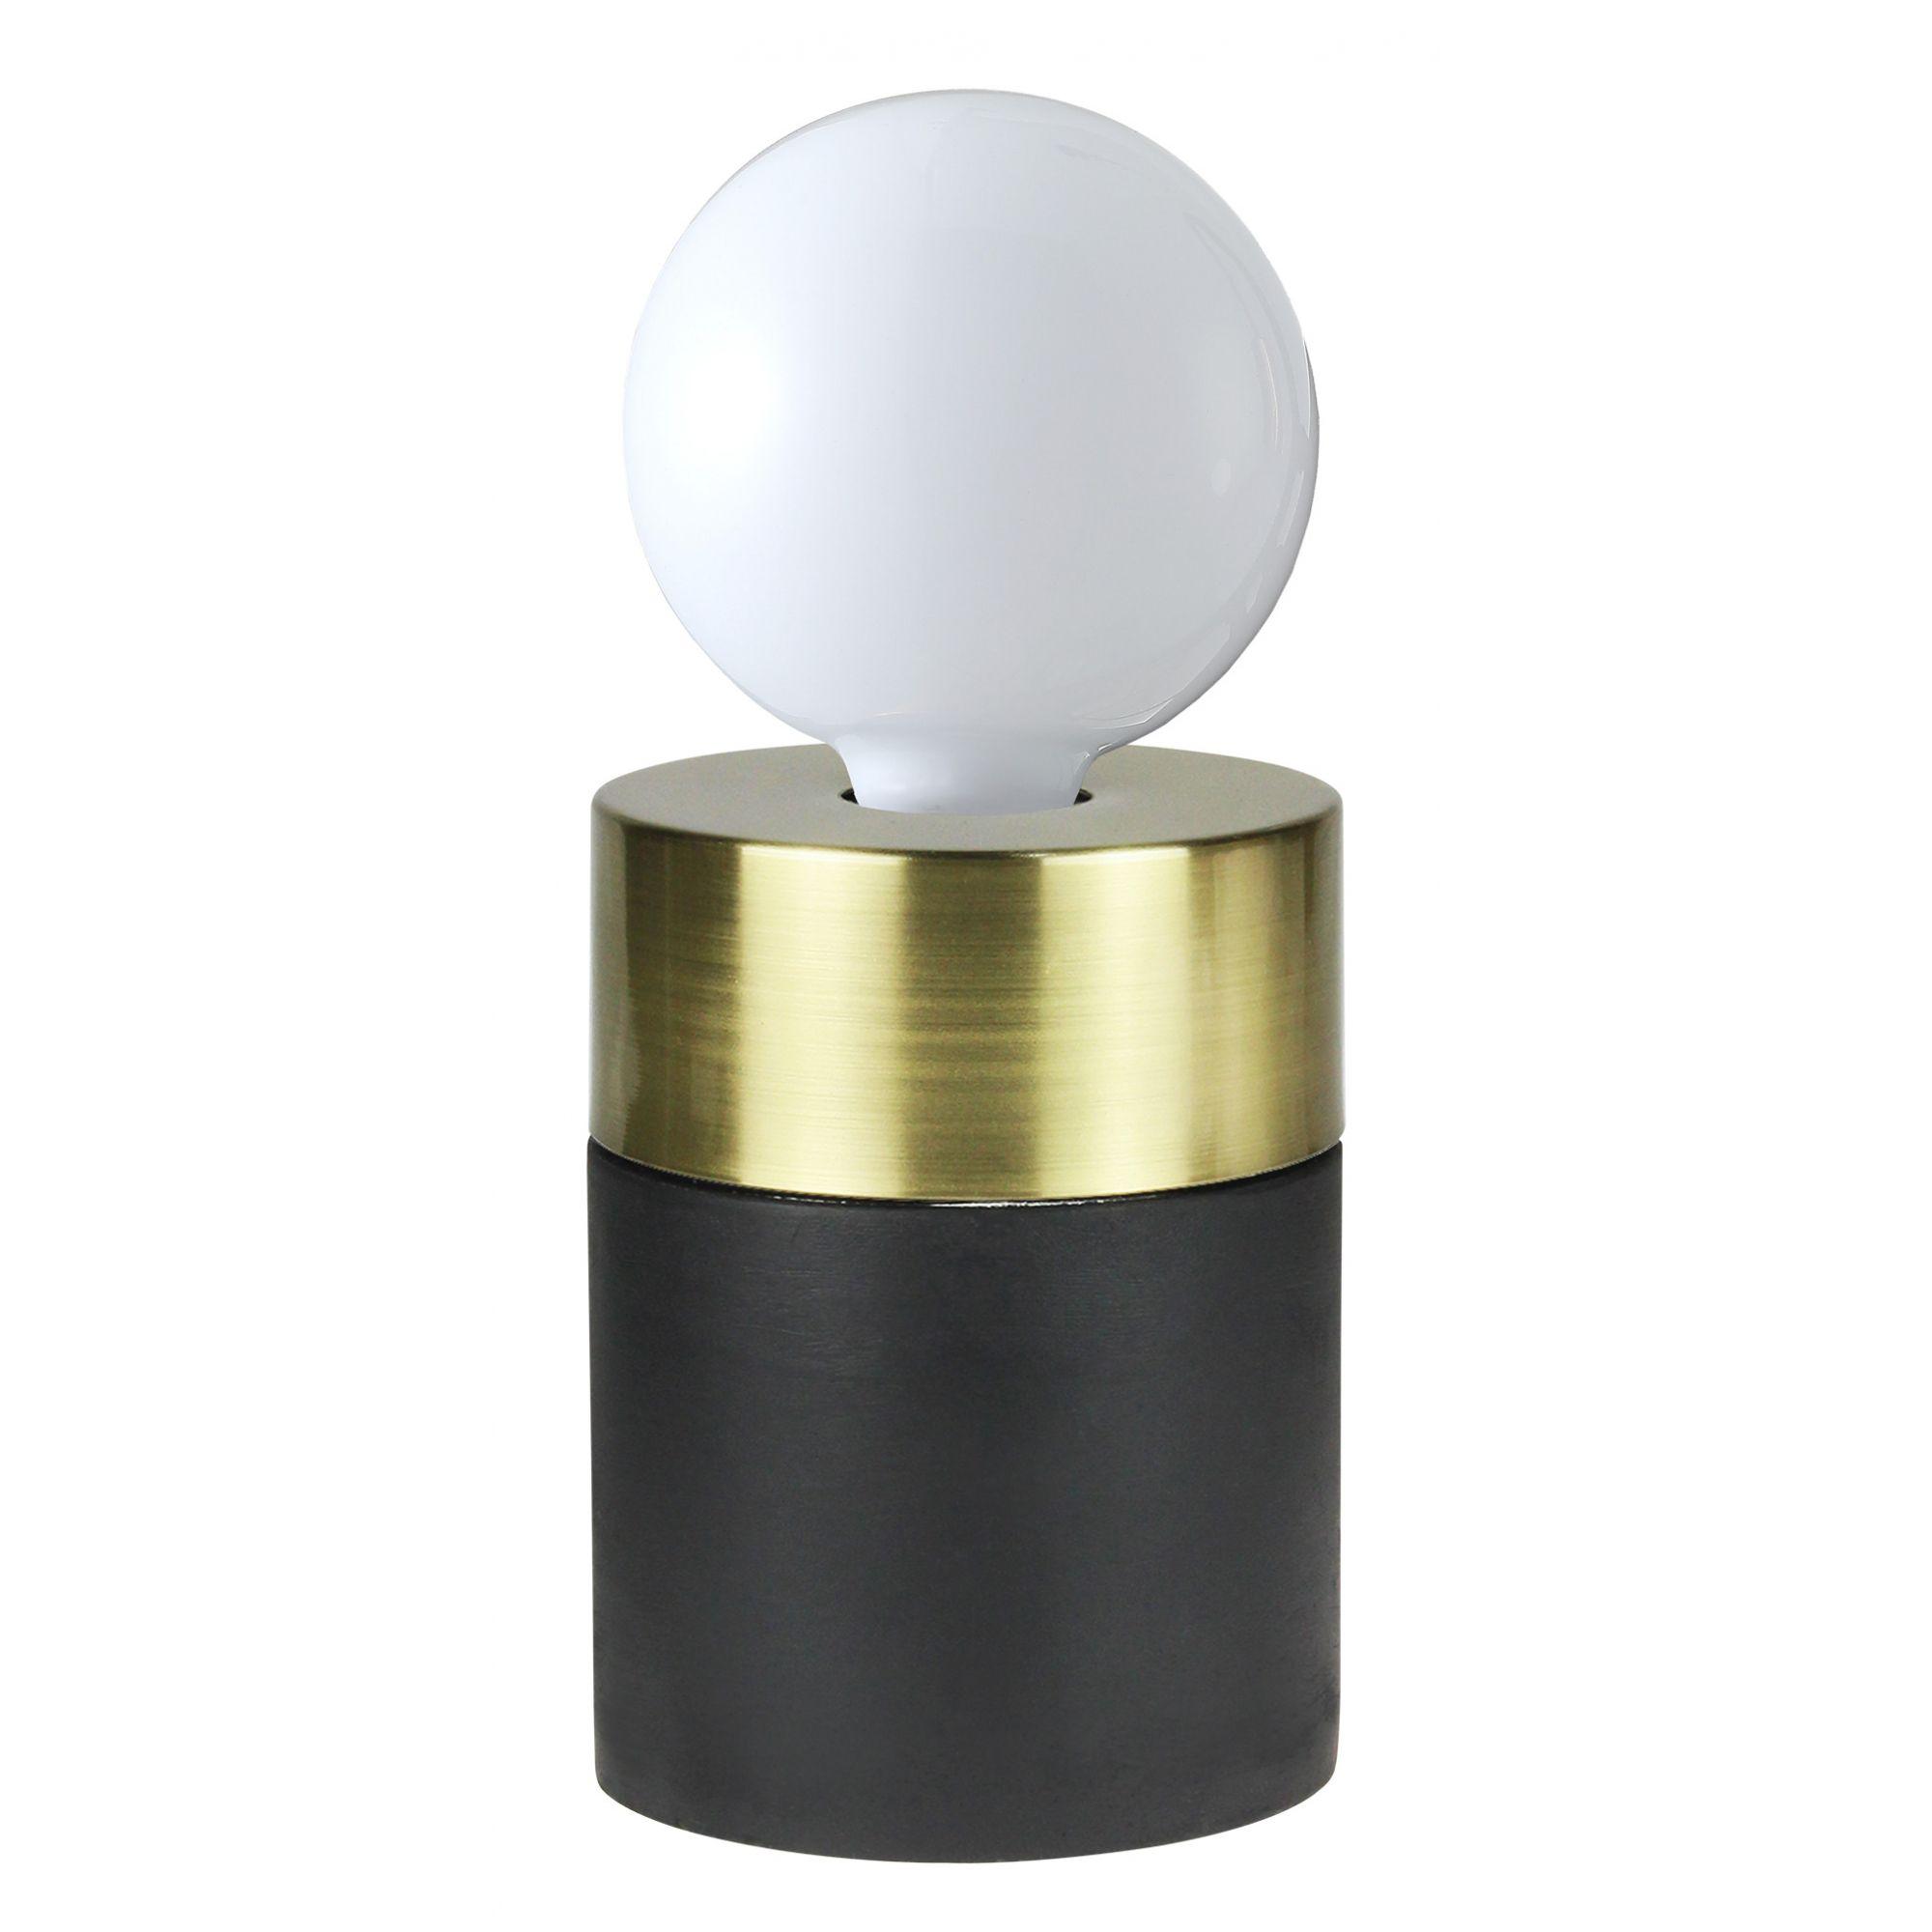 Luminaria De Mesa Abajur Concreto Preto/Dourado1E27 12CM Quality QAB1375DO